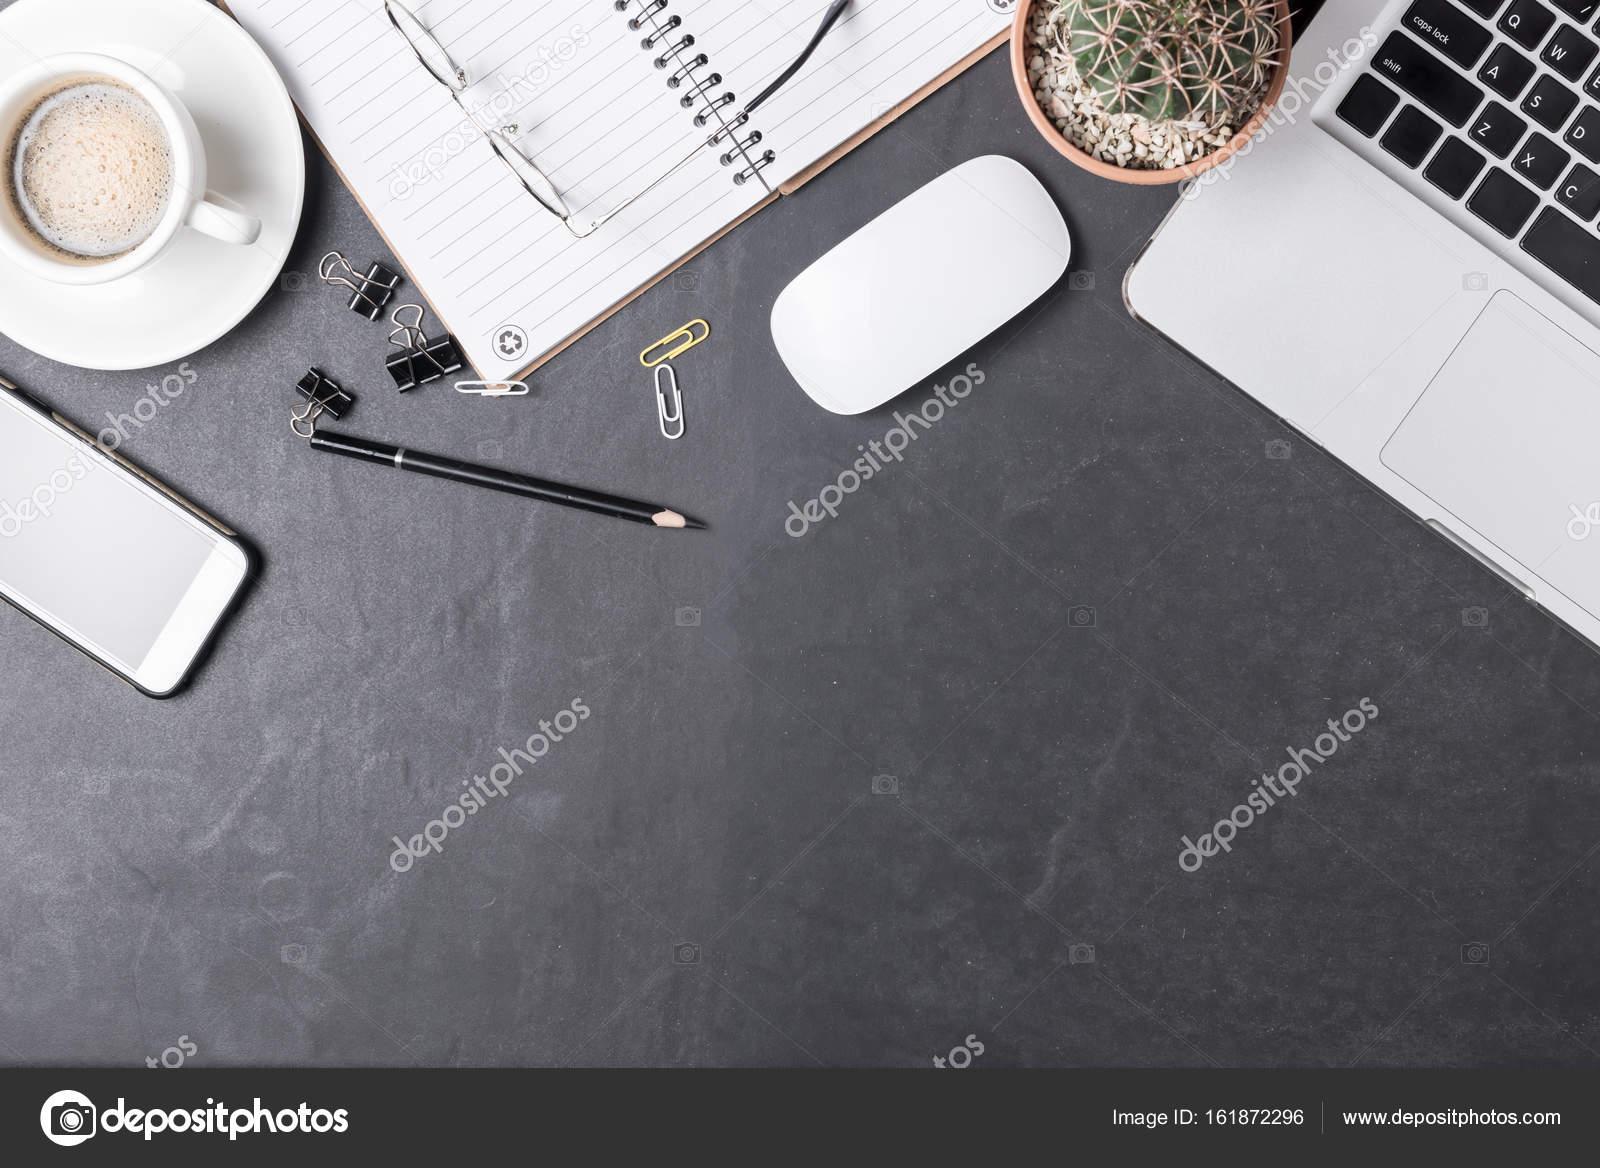 Scrivania Ufficio Nera : Tavolo scrivania ufficio nero con computer smartphone e forniture